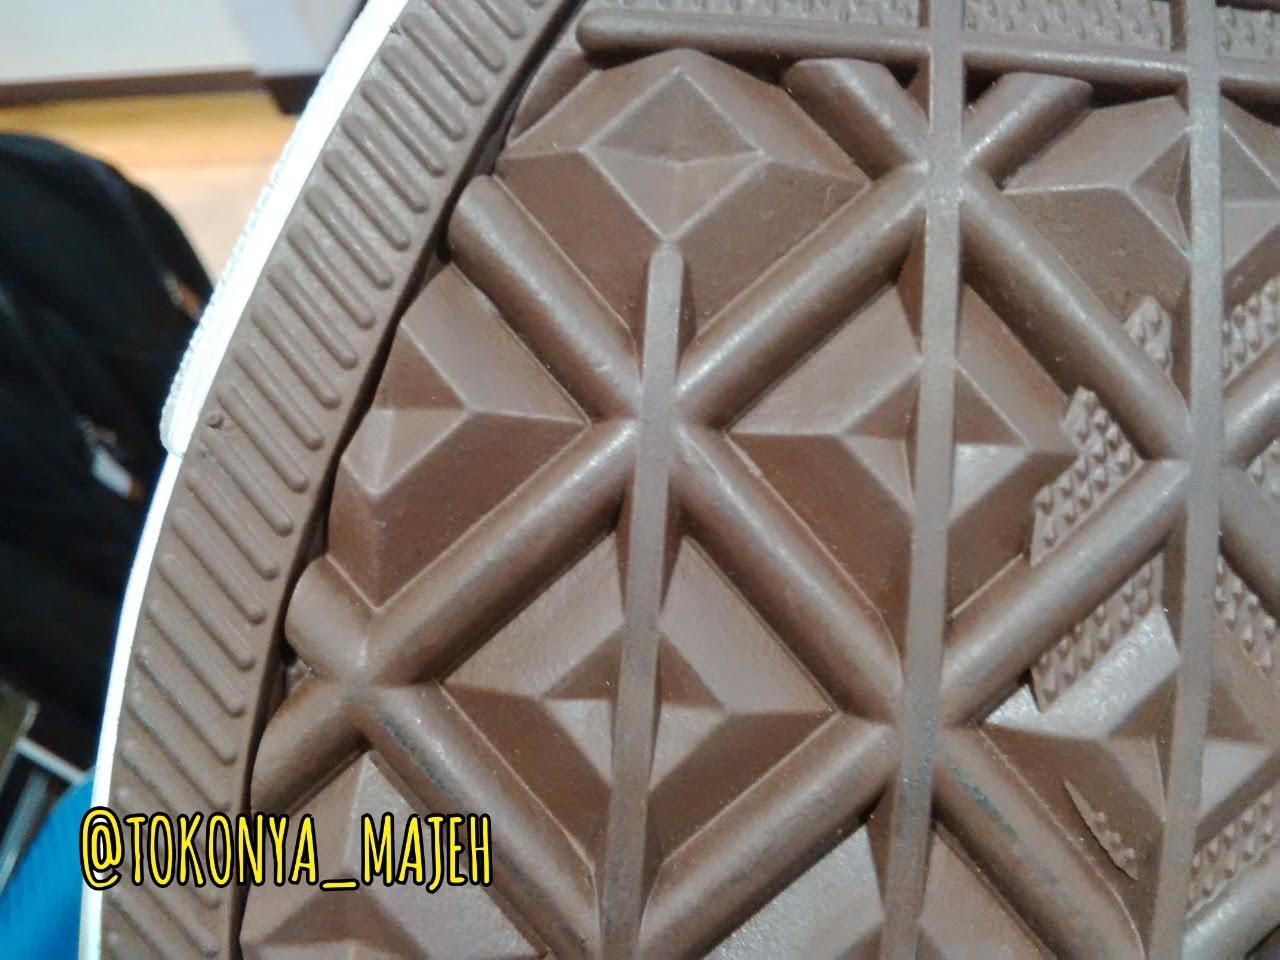 PUNYA MAJEH  Ciri-ciri Sepatu Converse Asli Original Made In ... 8069caa2ca